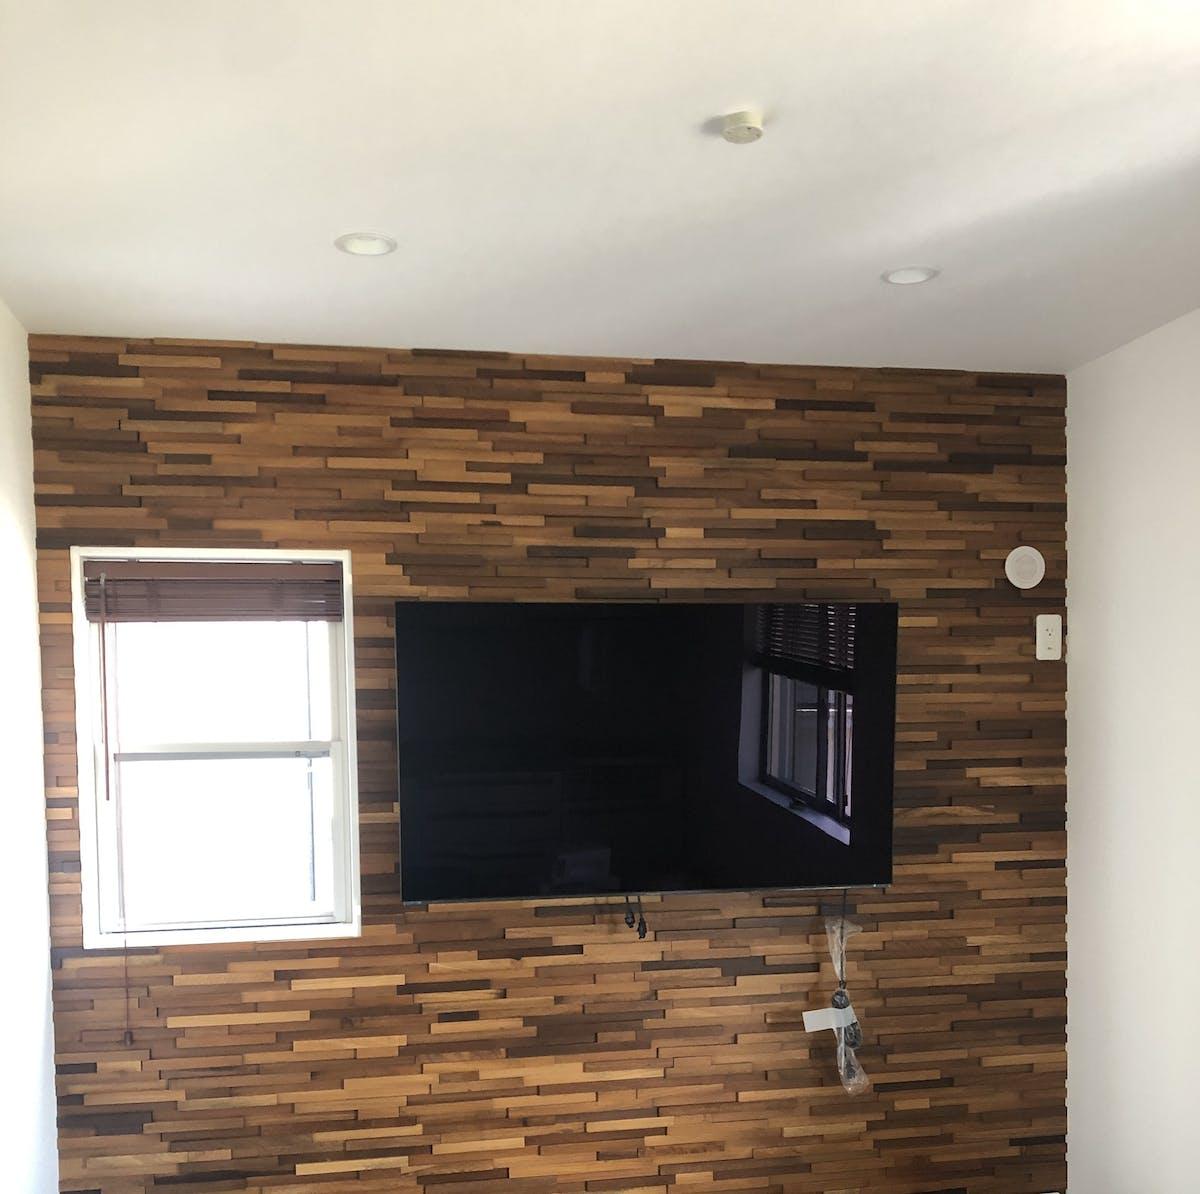 テレビボード背面壁施工事例 Ka`s styleインテリア宮川様